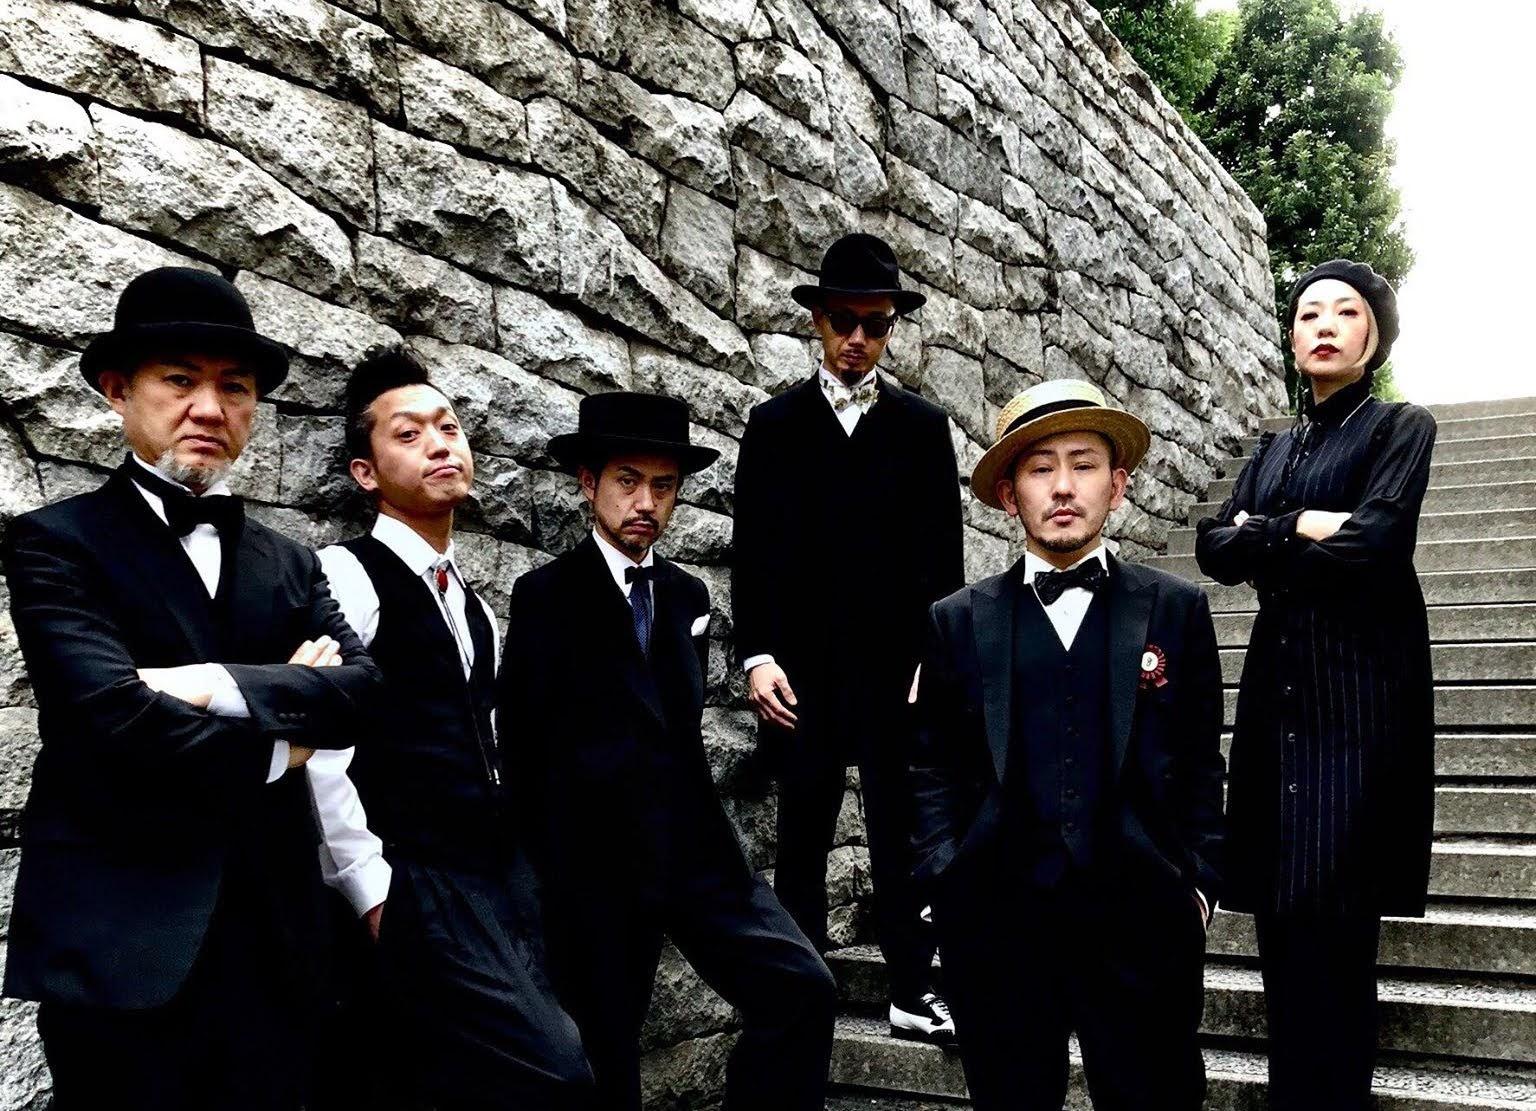 【迷迷專訪】浅草ジンタ (Asakusa Jinta)首次來台 將帶來時間限定特別演出